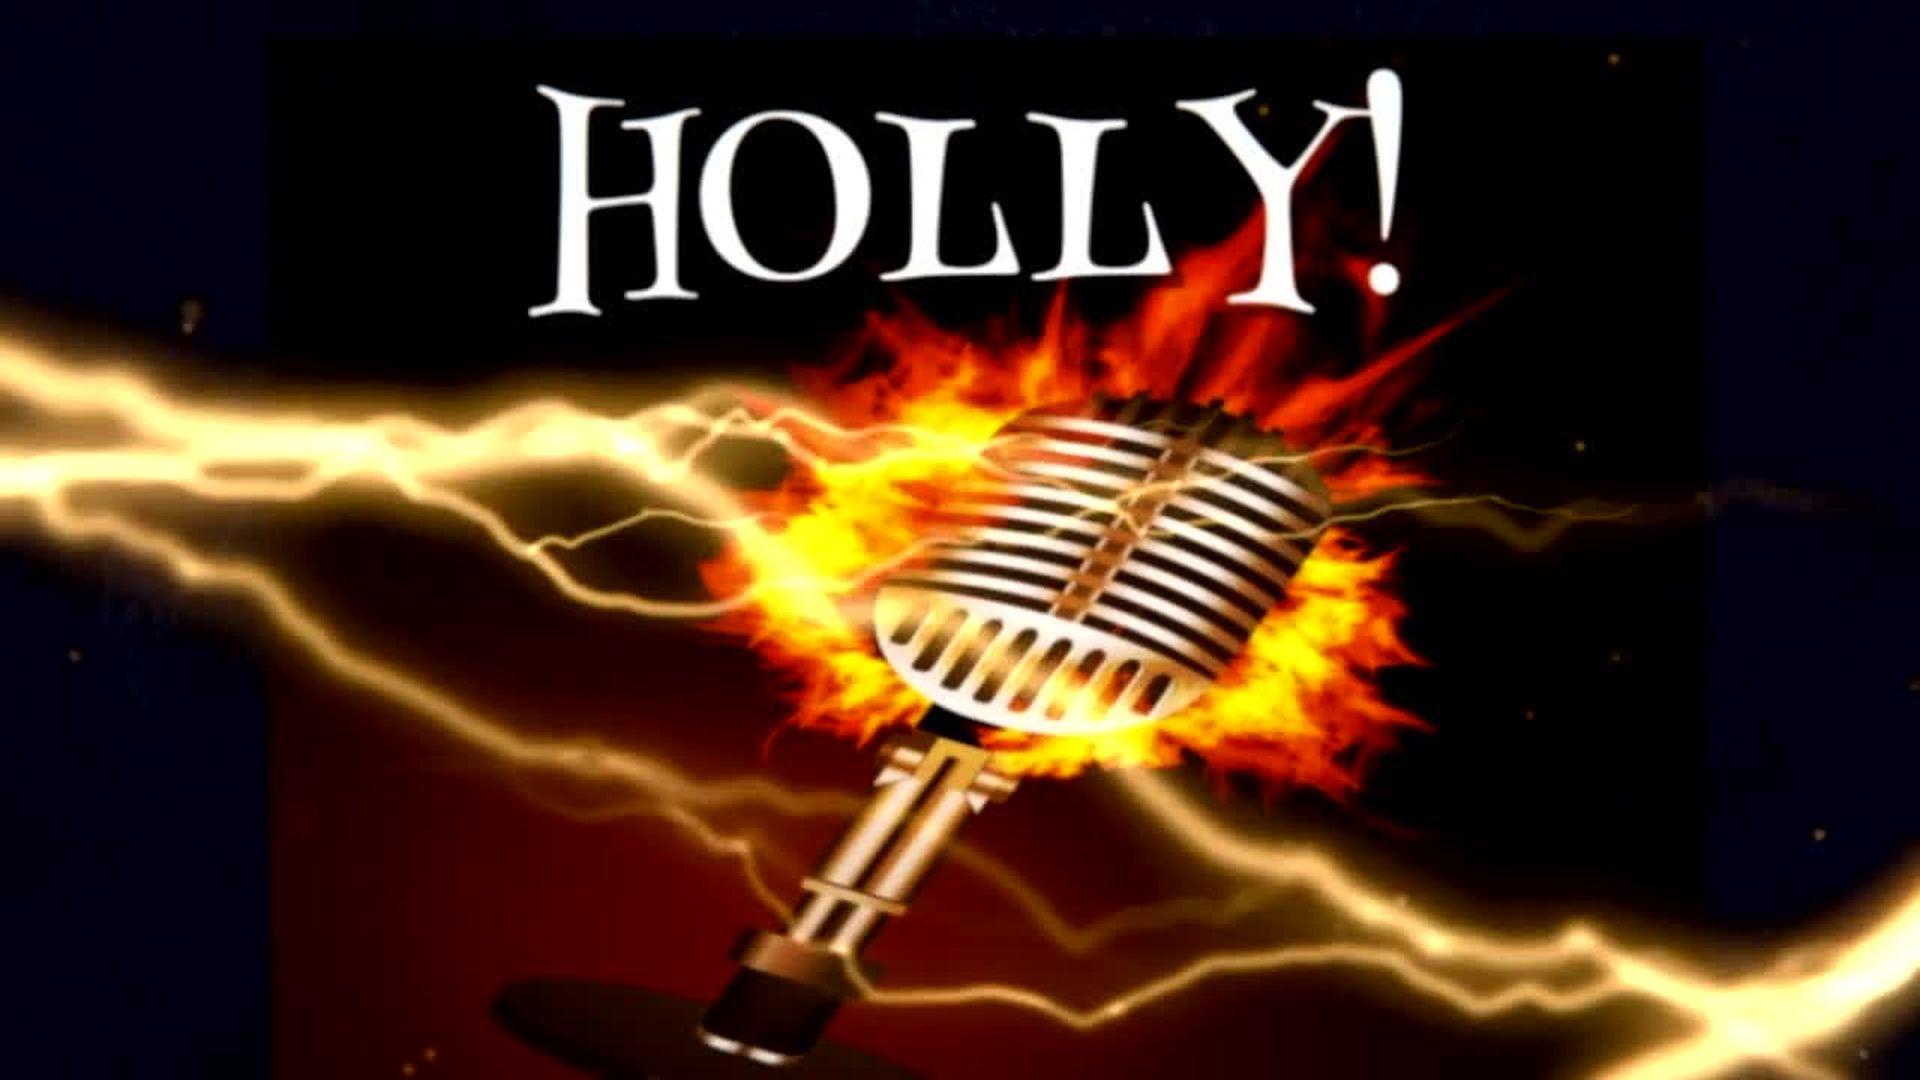 LMAO - HOLLY! - Micaela Fagan